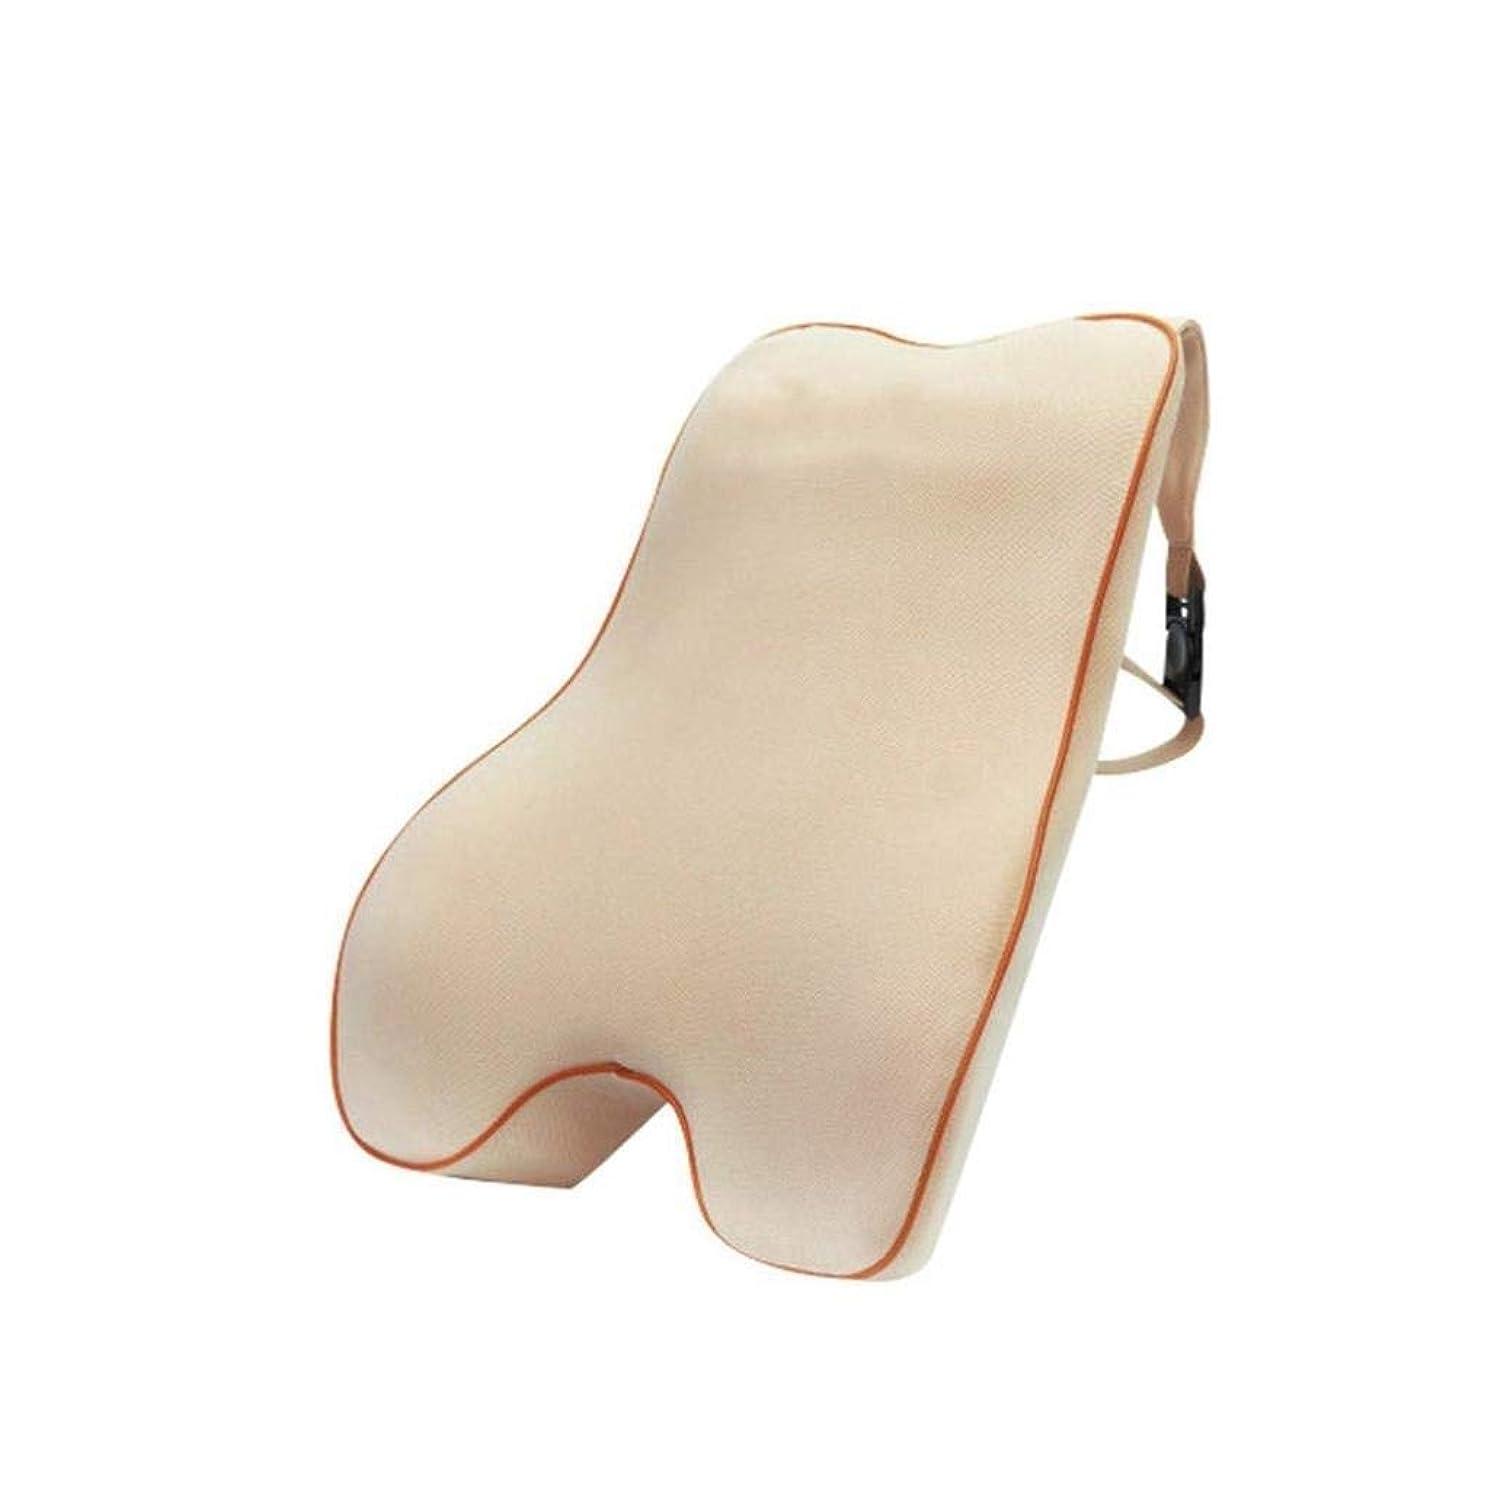 野球追い払う予防接種する腰椎枕 - 100%低反発腰椎クッション - ポータブル枕 - 整形外科用ウエストサポート枕 - 車のオフィスチェア - 長距離運転オフィスに適した腰痛緩和